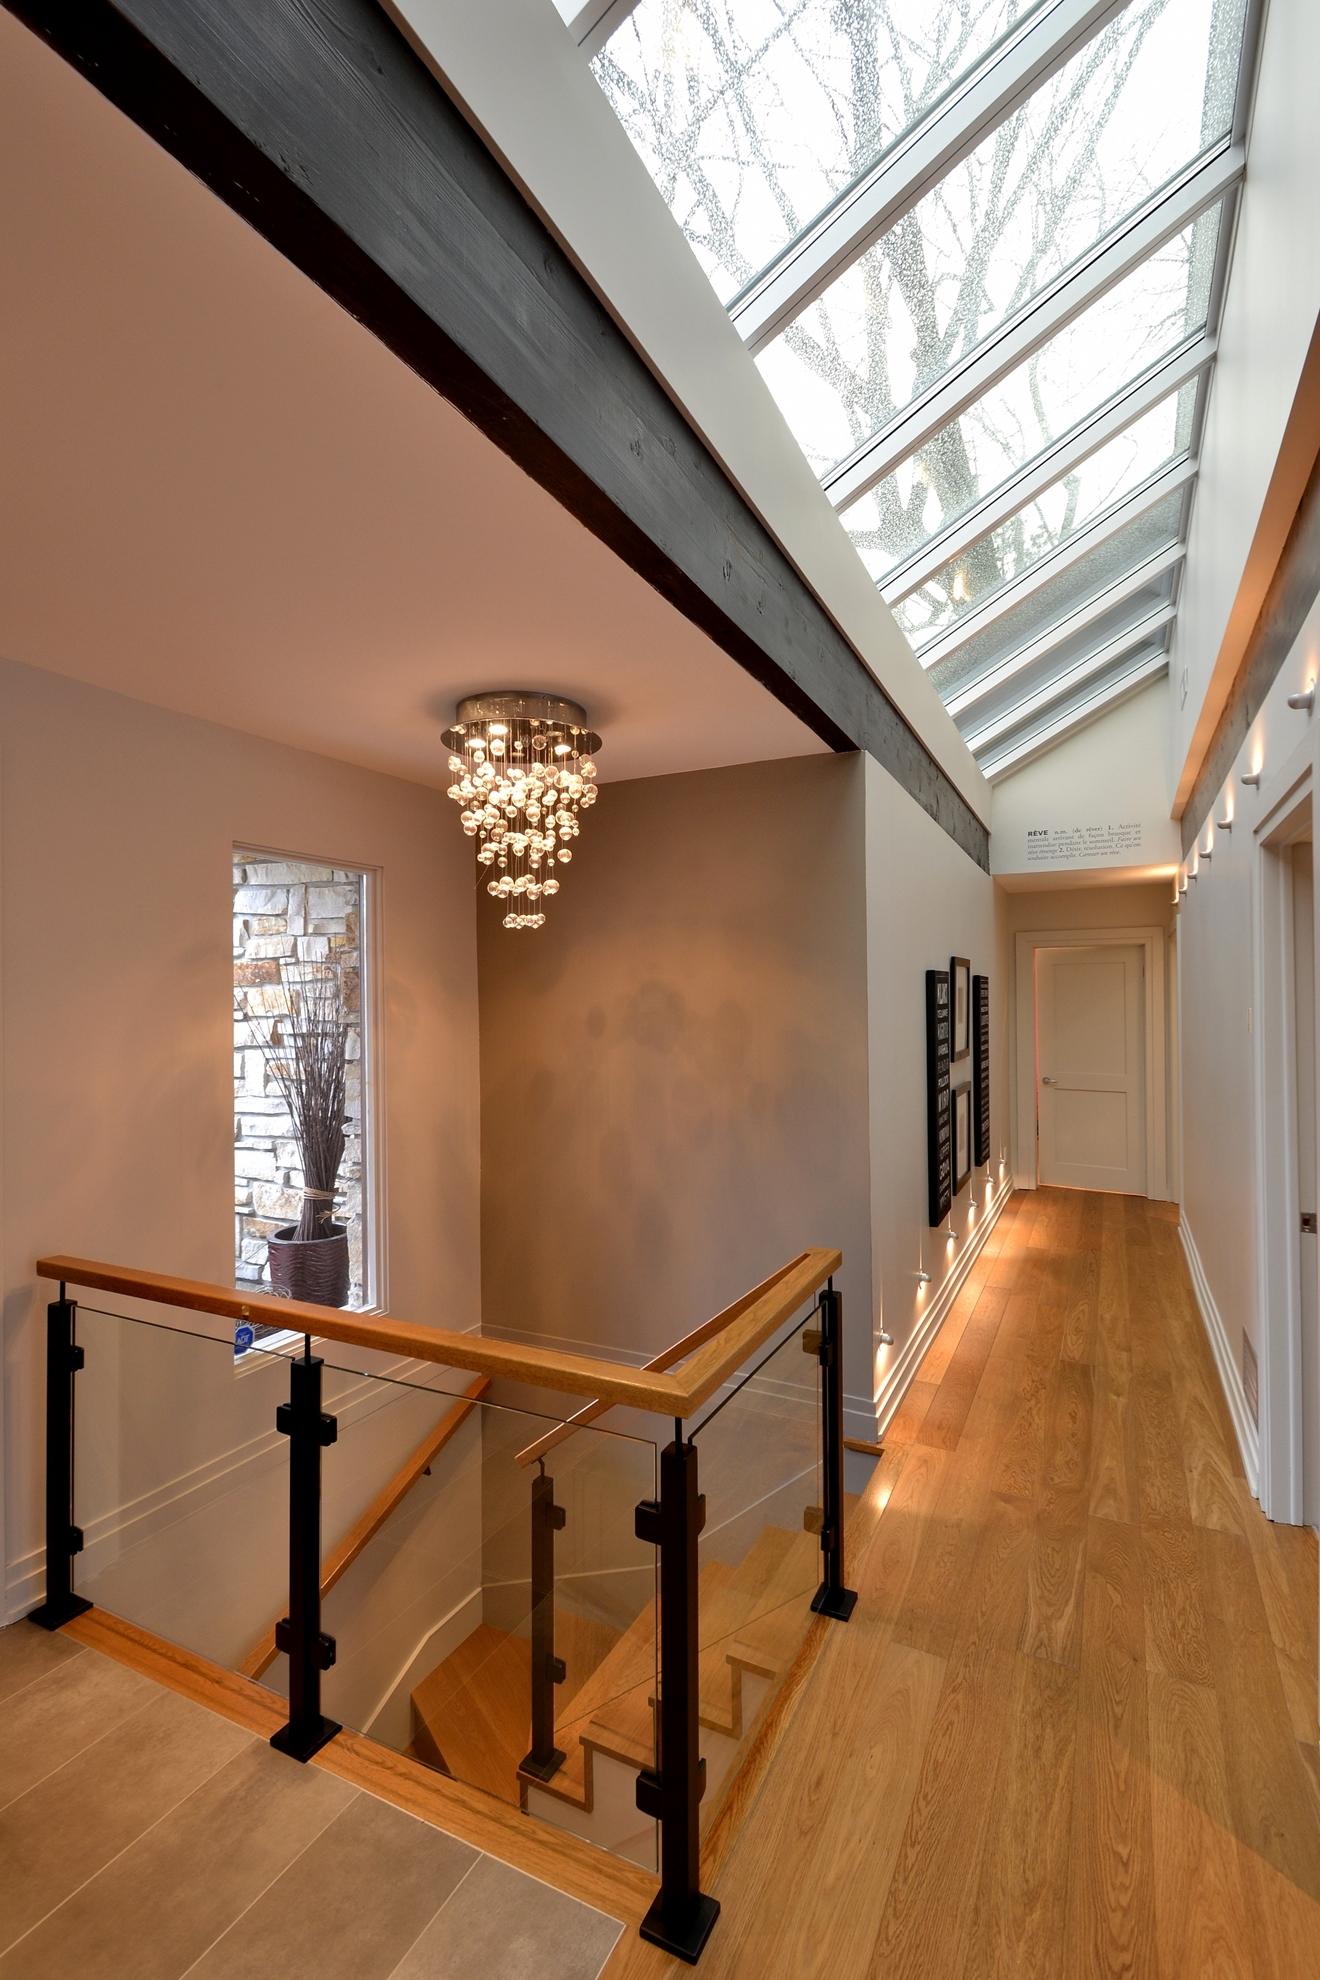 Picture of 15-Escalier panneaux de verre